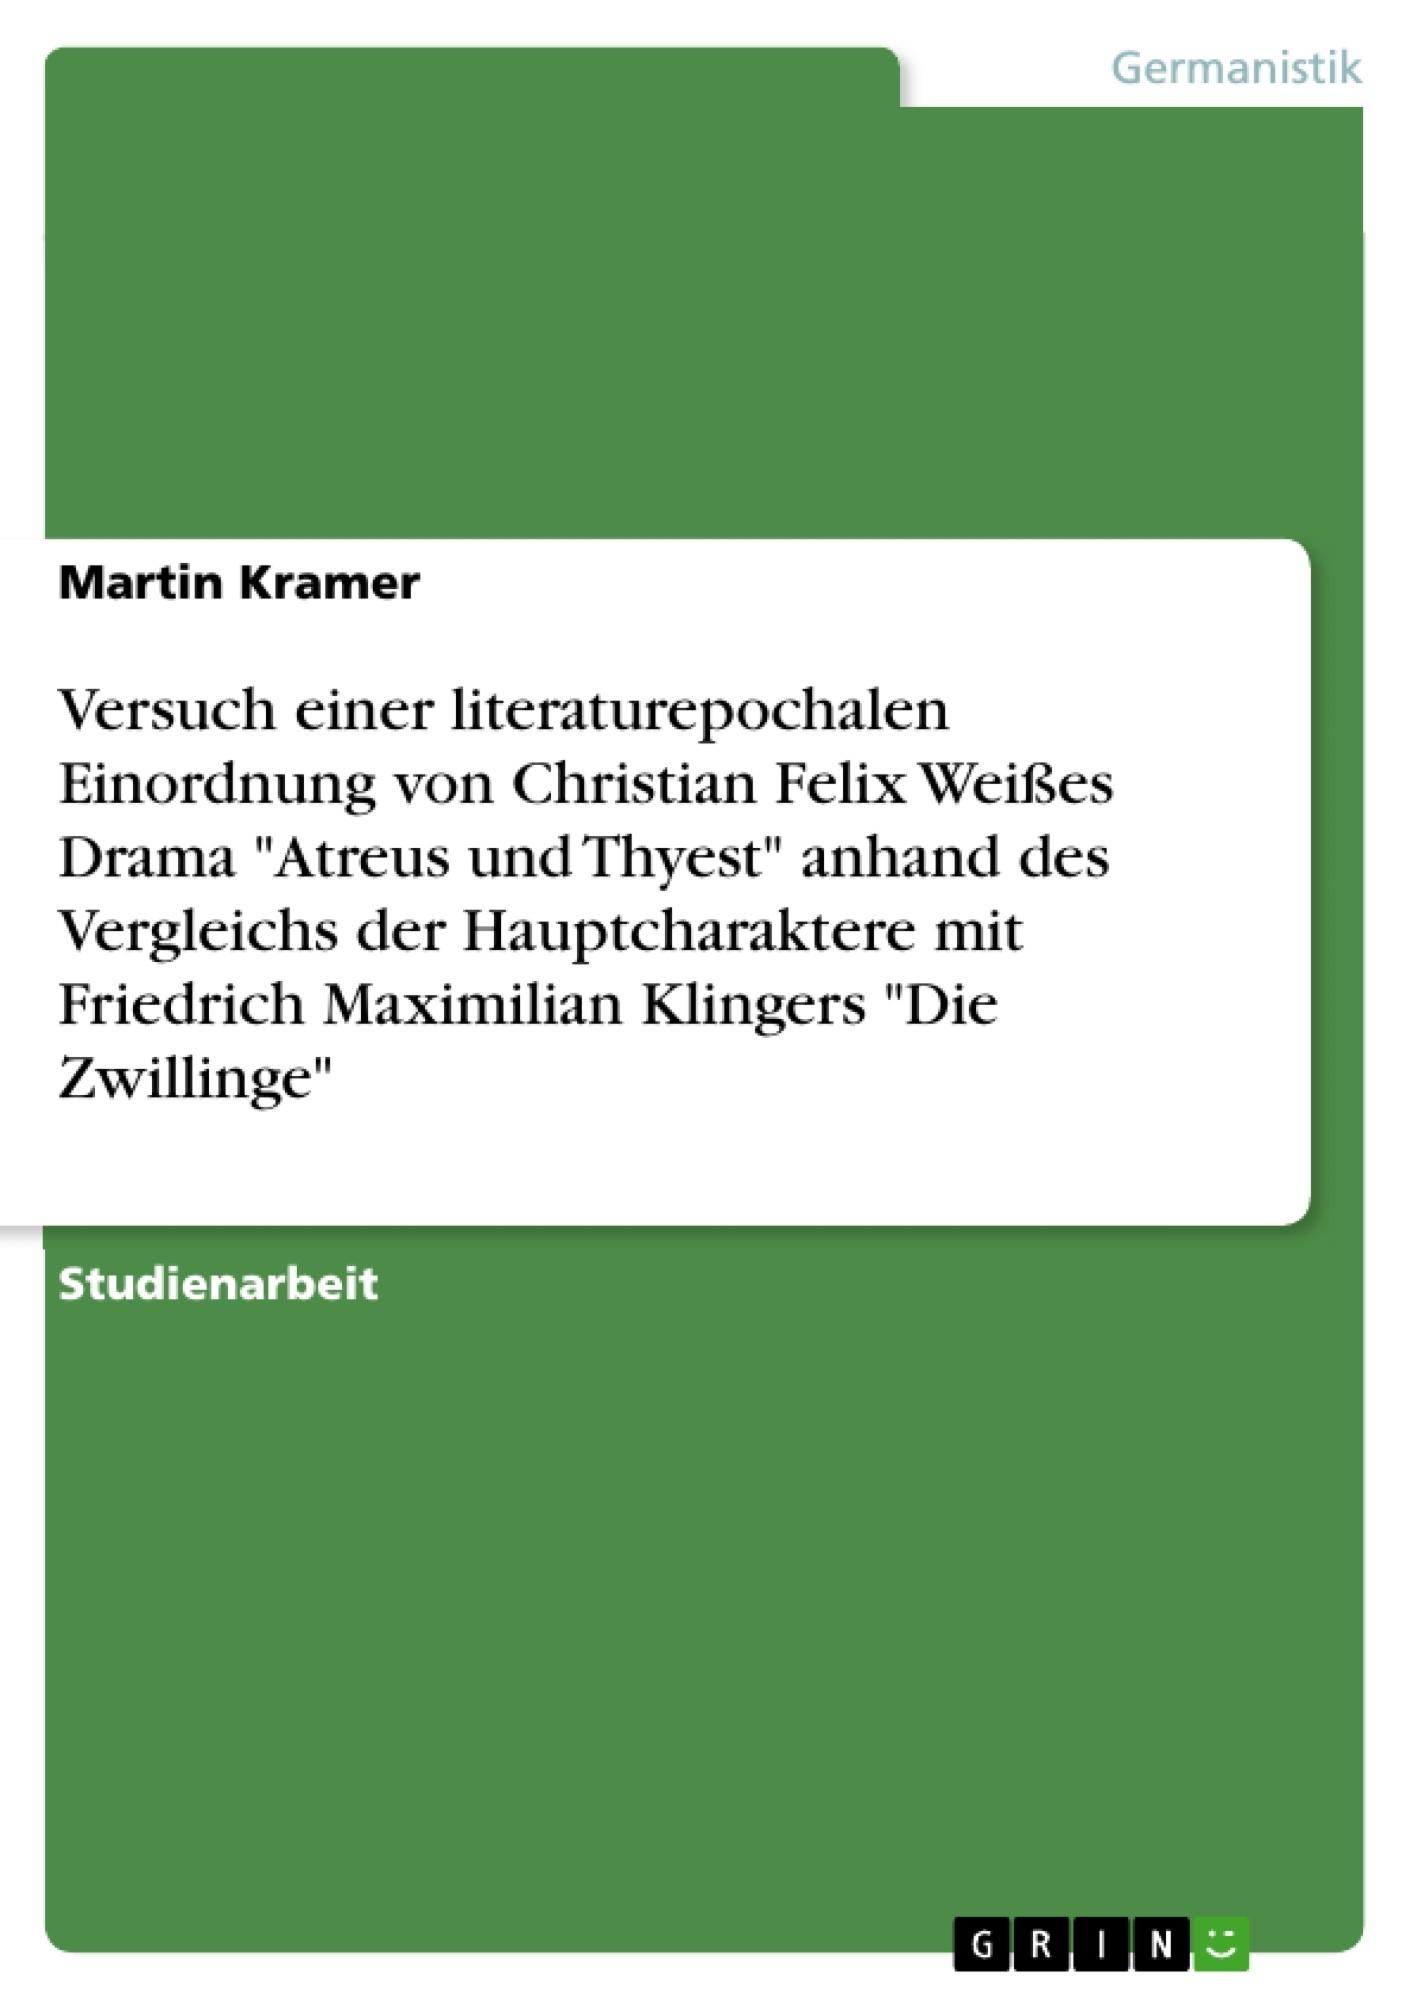 """Titel: Versuch einer literaturepochalen Einordnung von Christian Felix Weißes Drama """"Atreus und Thyest"""" anhand des Vergleichs der Hauptcharaktere mit Friedrich Maximilian Klingers """"Die Zwillinge"""""""